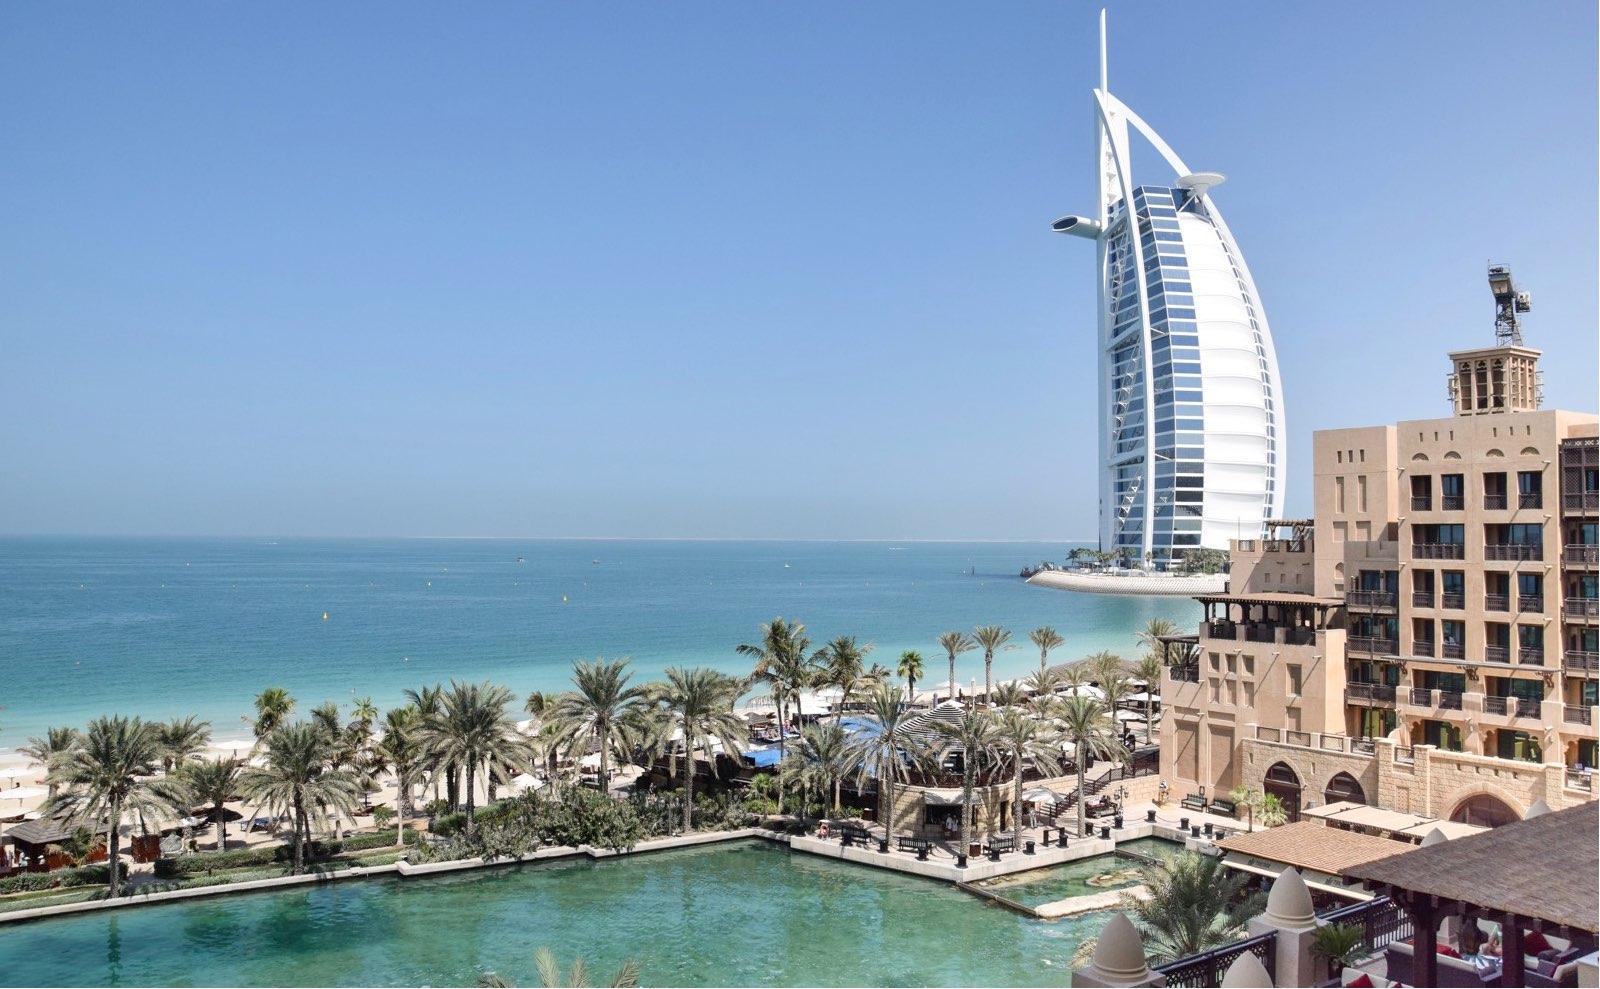 Que faire à Dubaï : guide pour visiter Dubaï